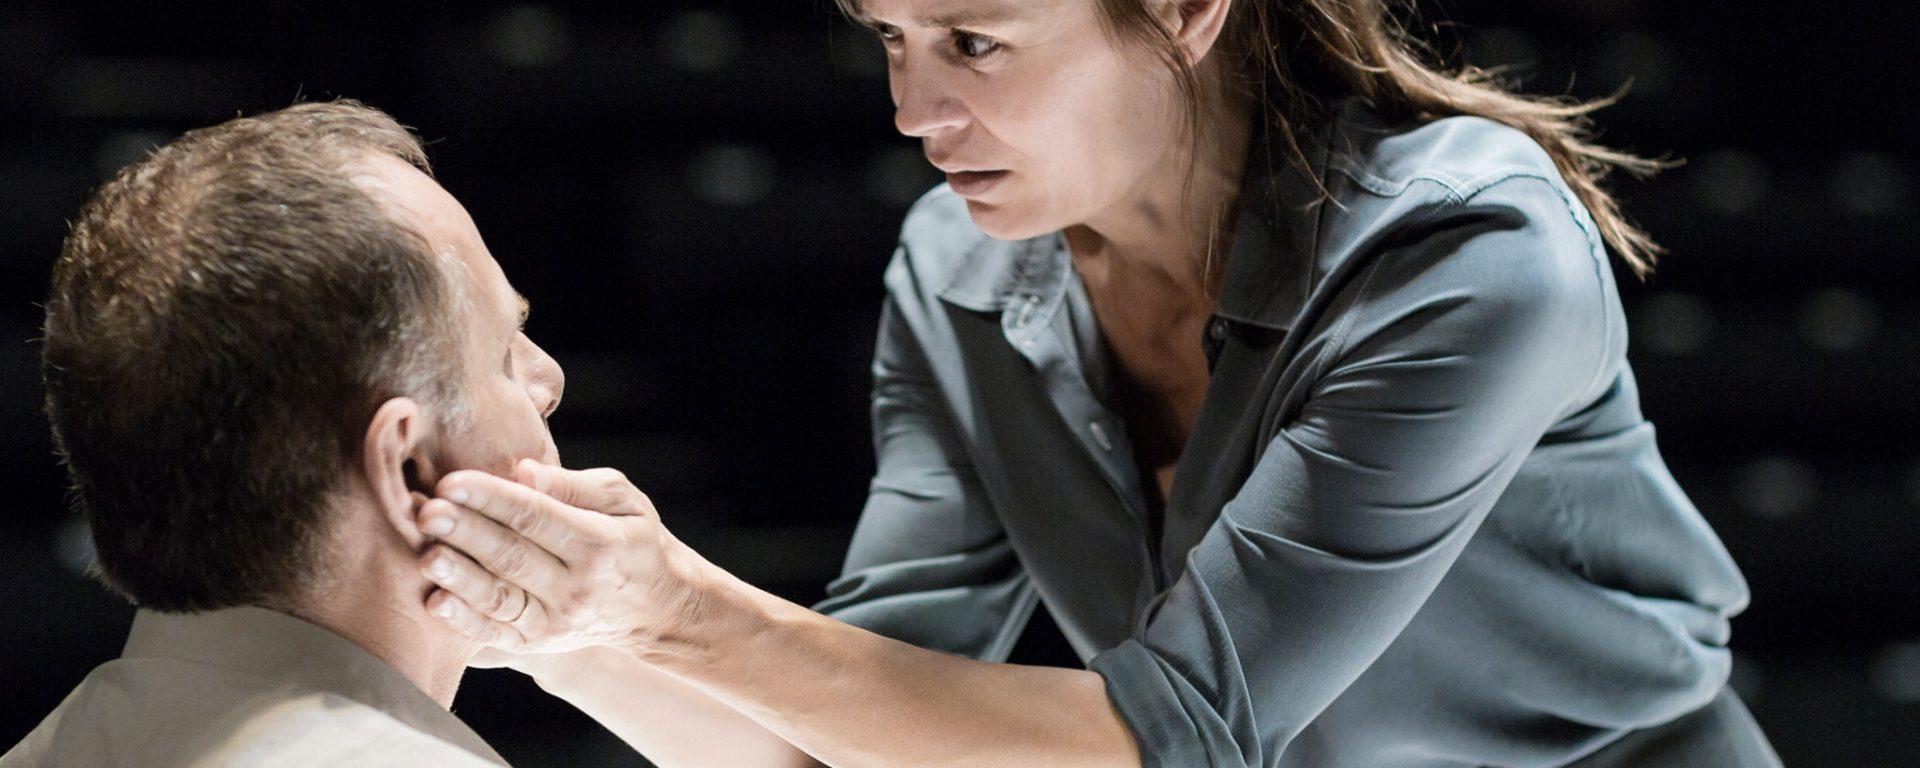 """Caroline Proust في مسرحية """"نظرة من الجسر"""". حقوق الصورة محفوظة للمصوّر Jan Versweyveld."""